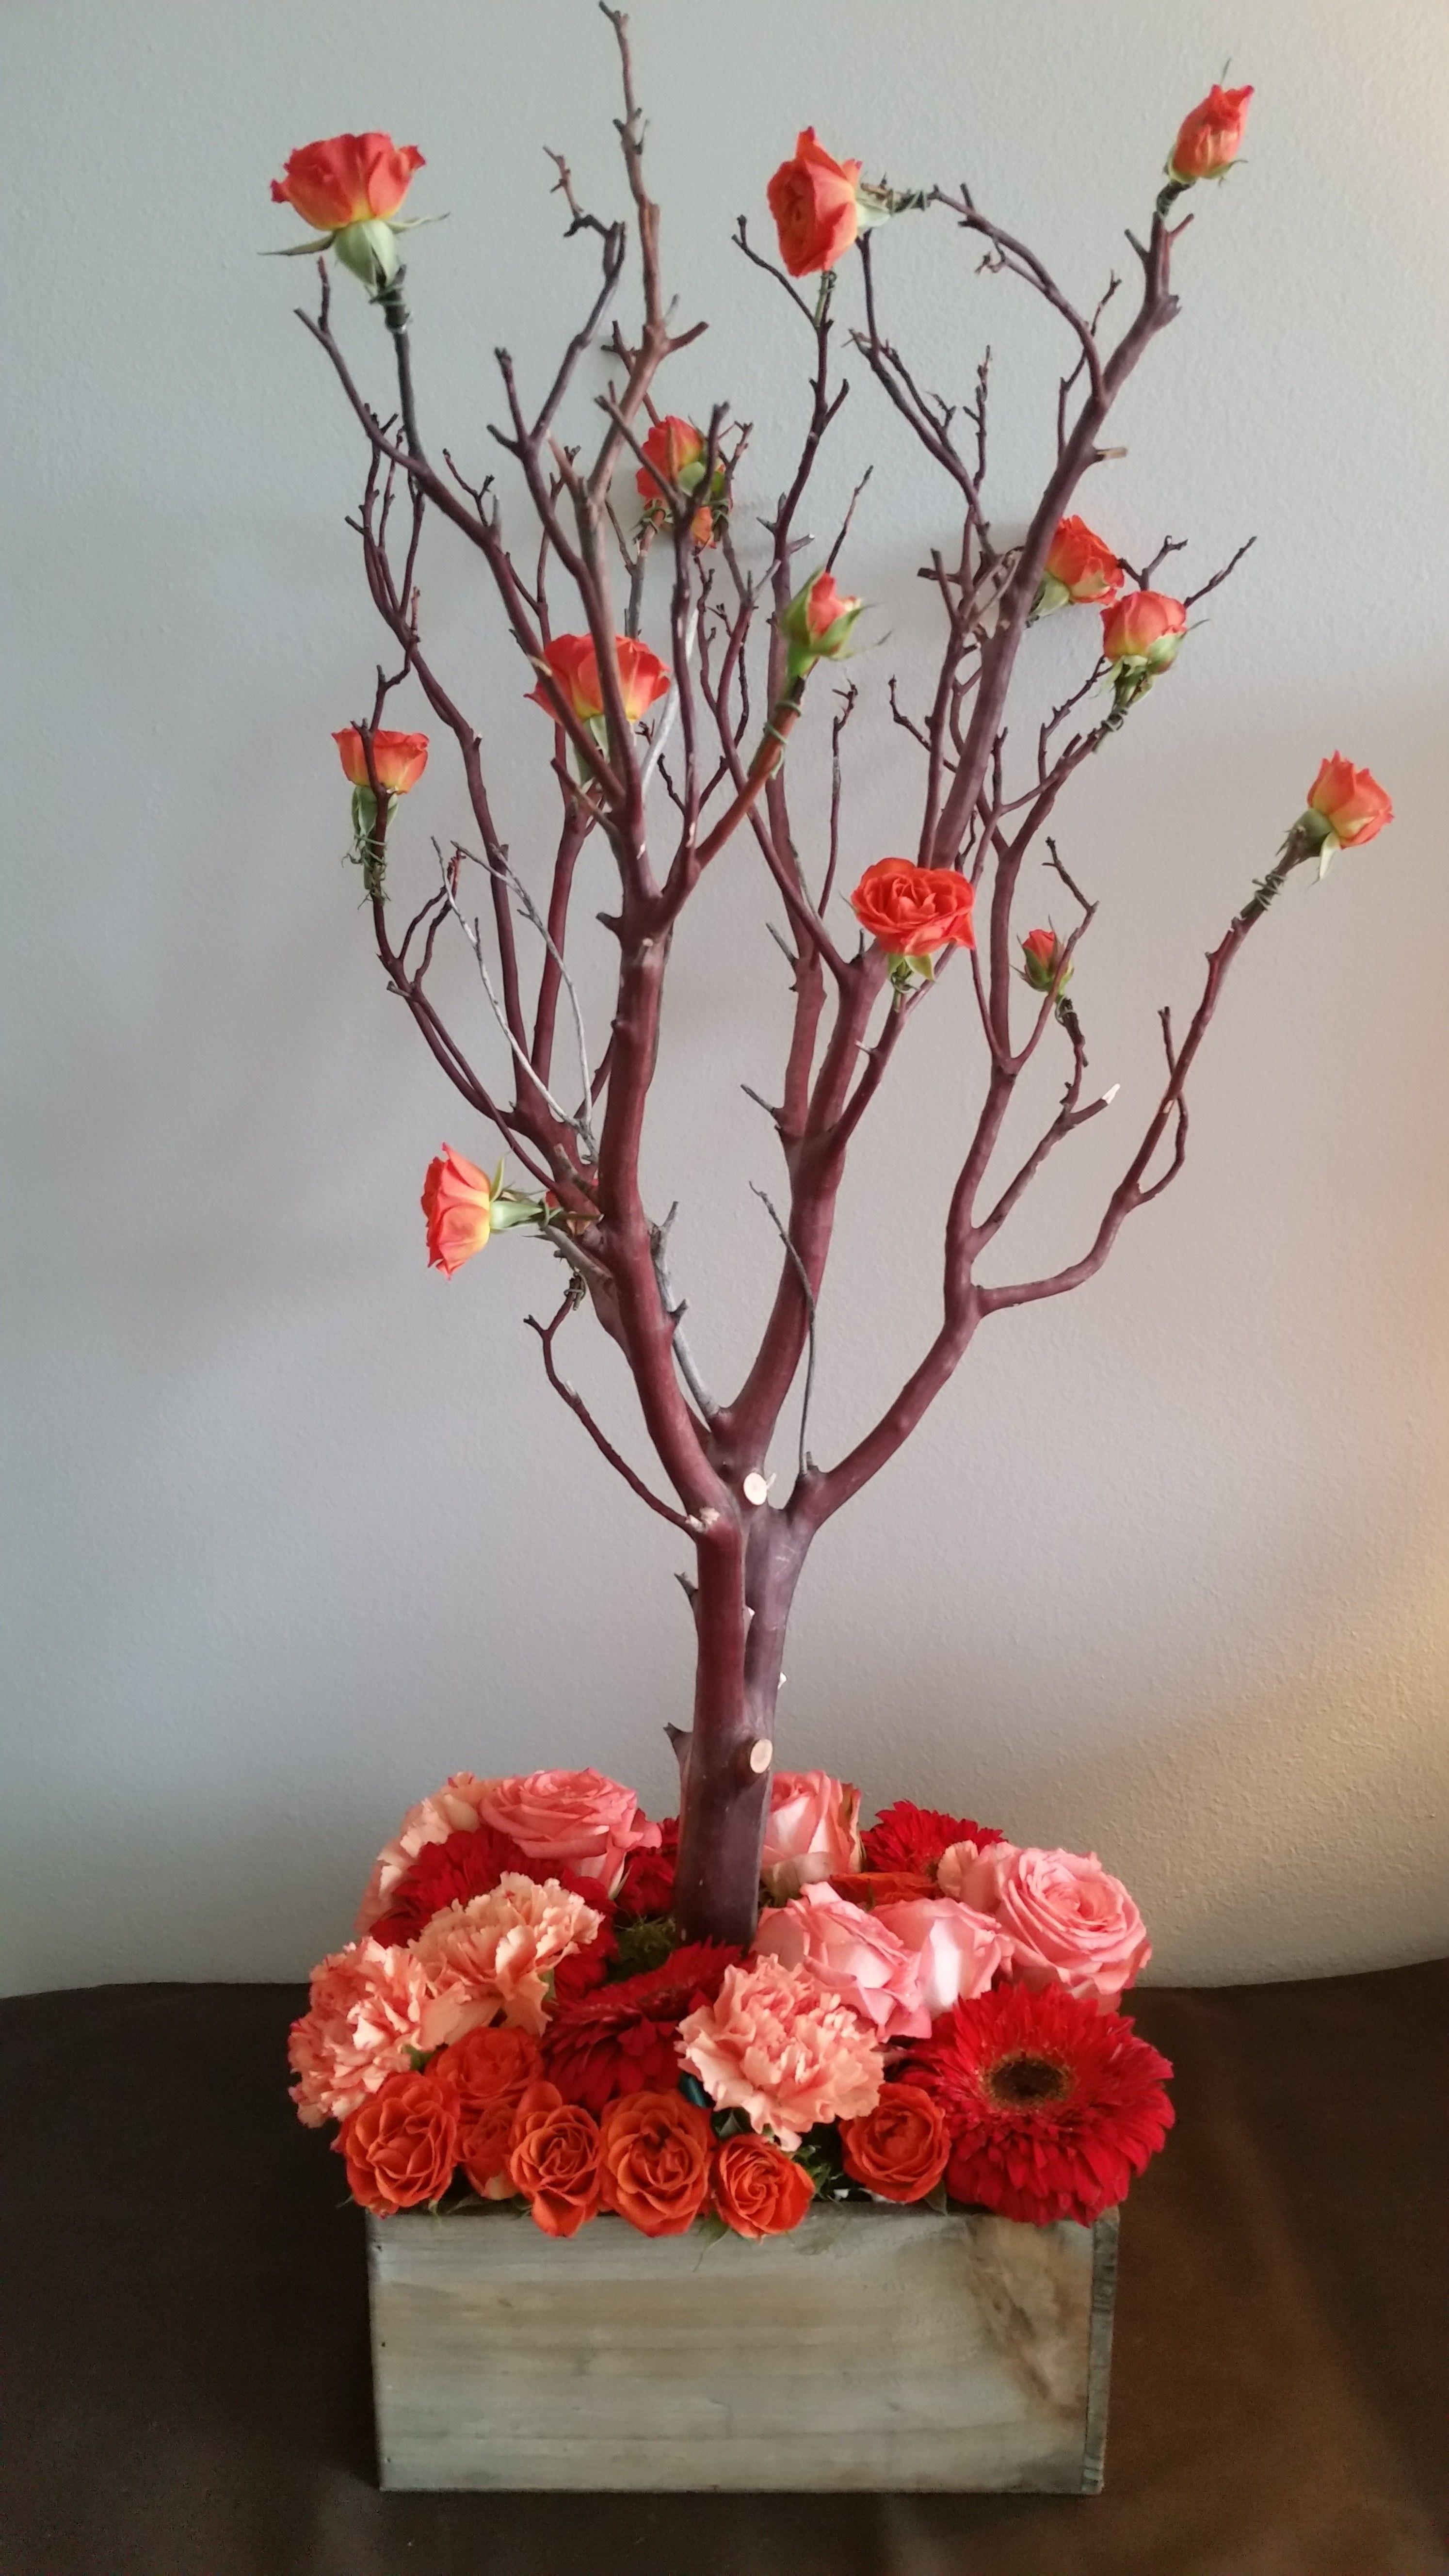 All In Bloom 3 Com Imagens Jardinagem E Decoracao Decoracao